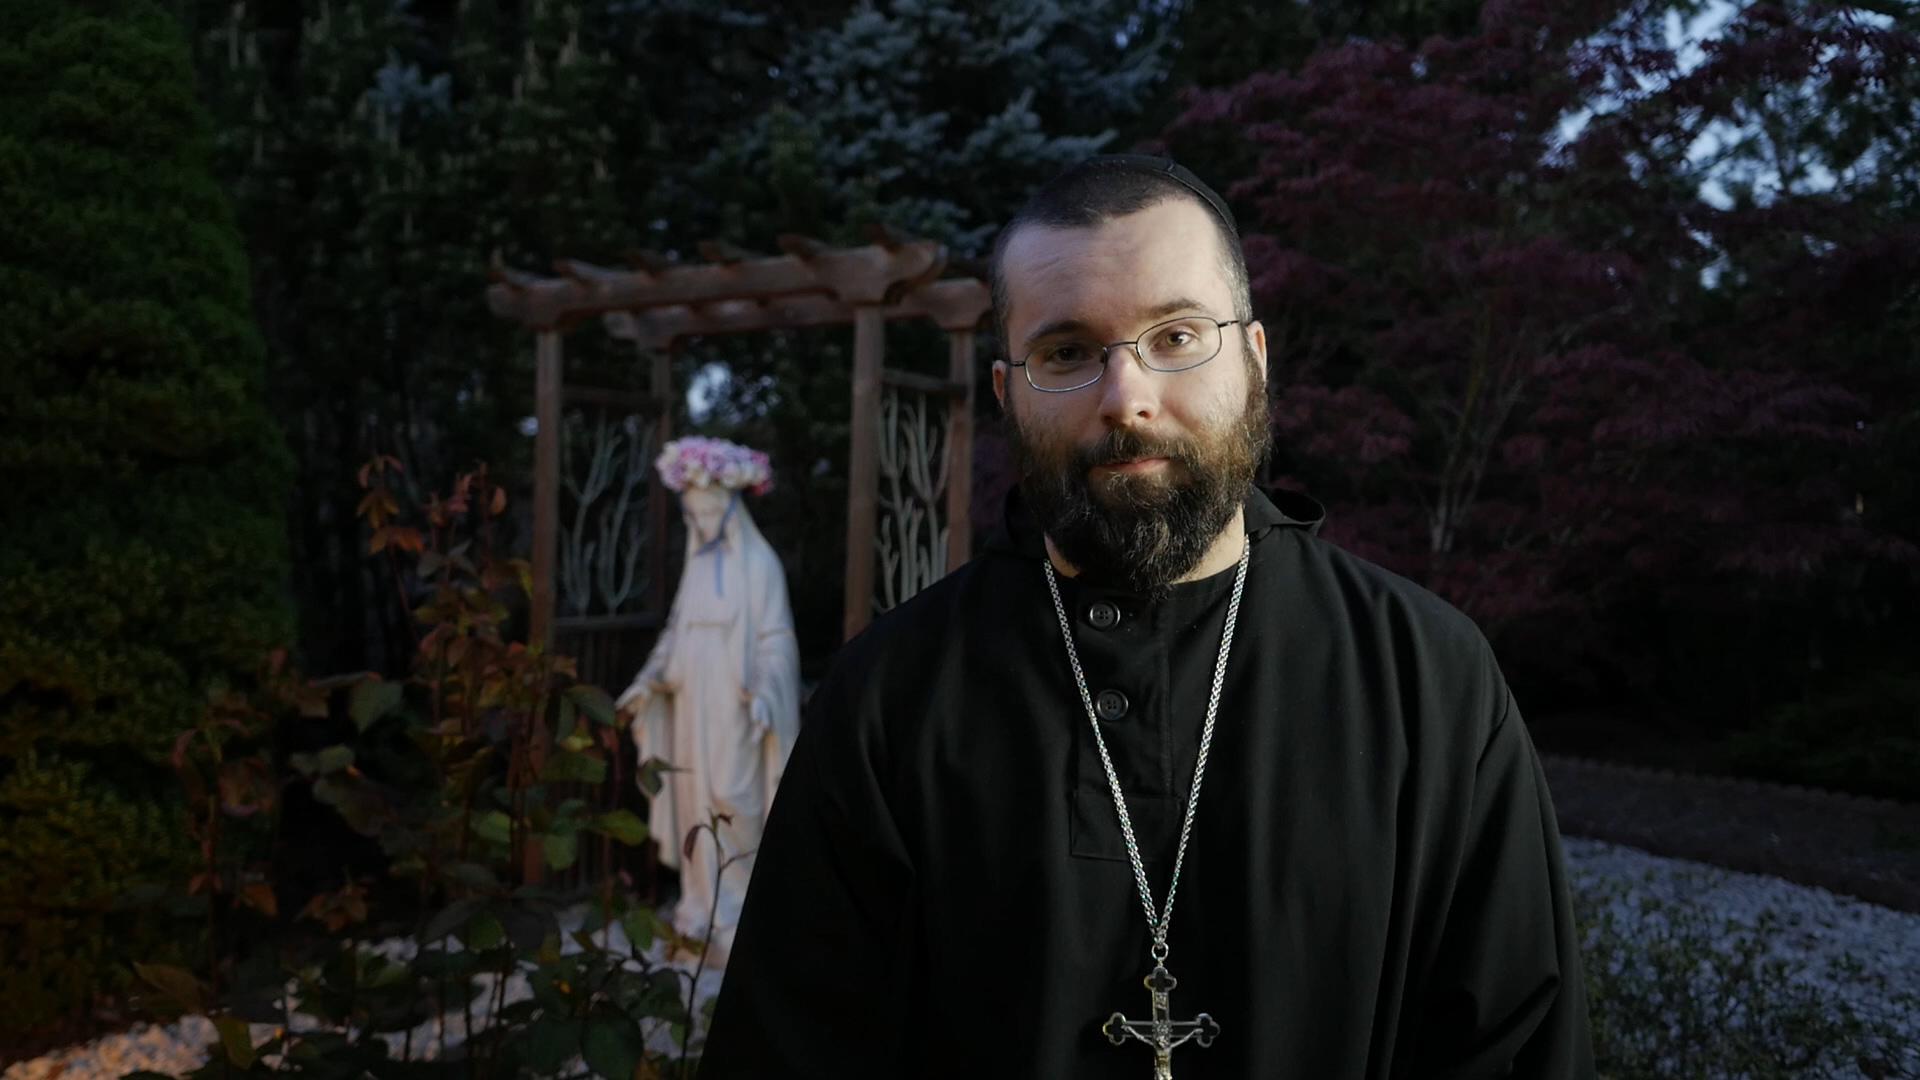 Fr Anthony2